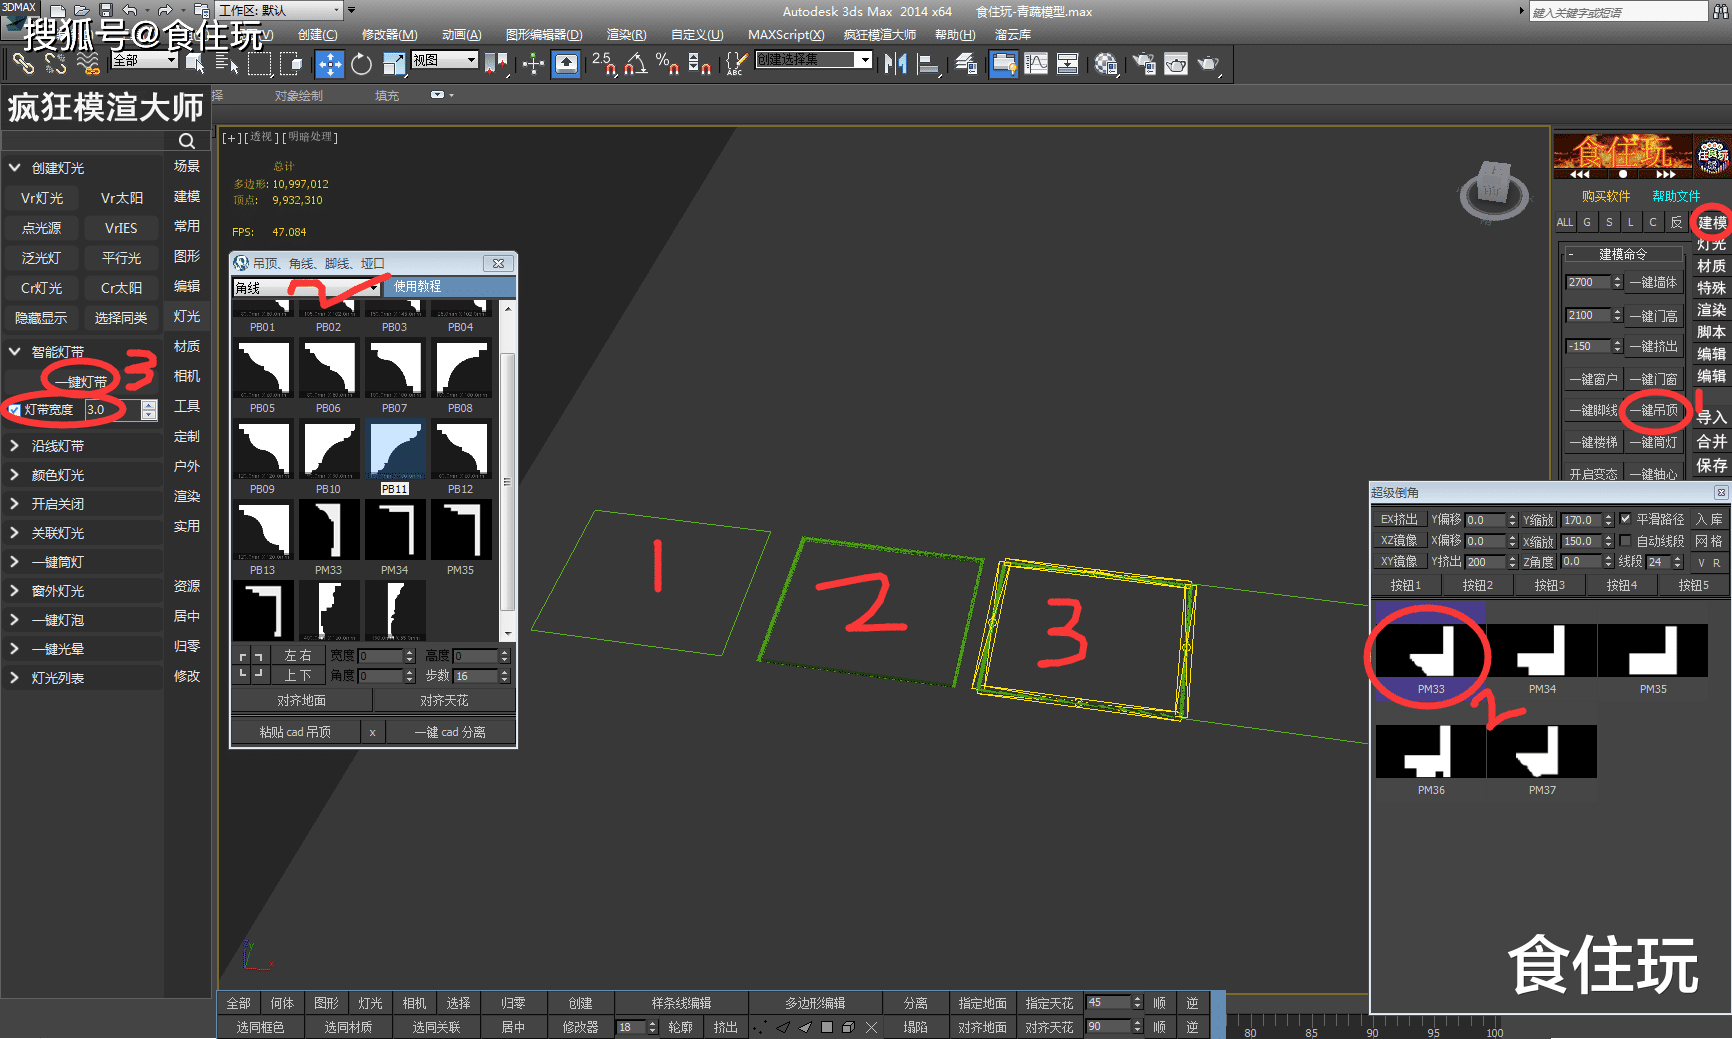 3DMAX疯狂大师官方版课程:第8章照明设计